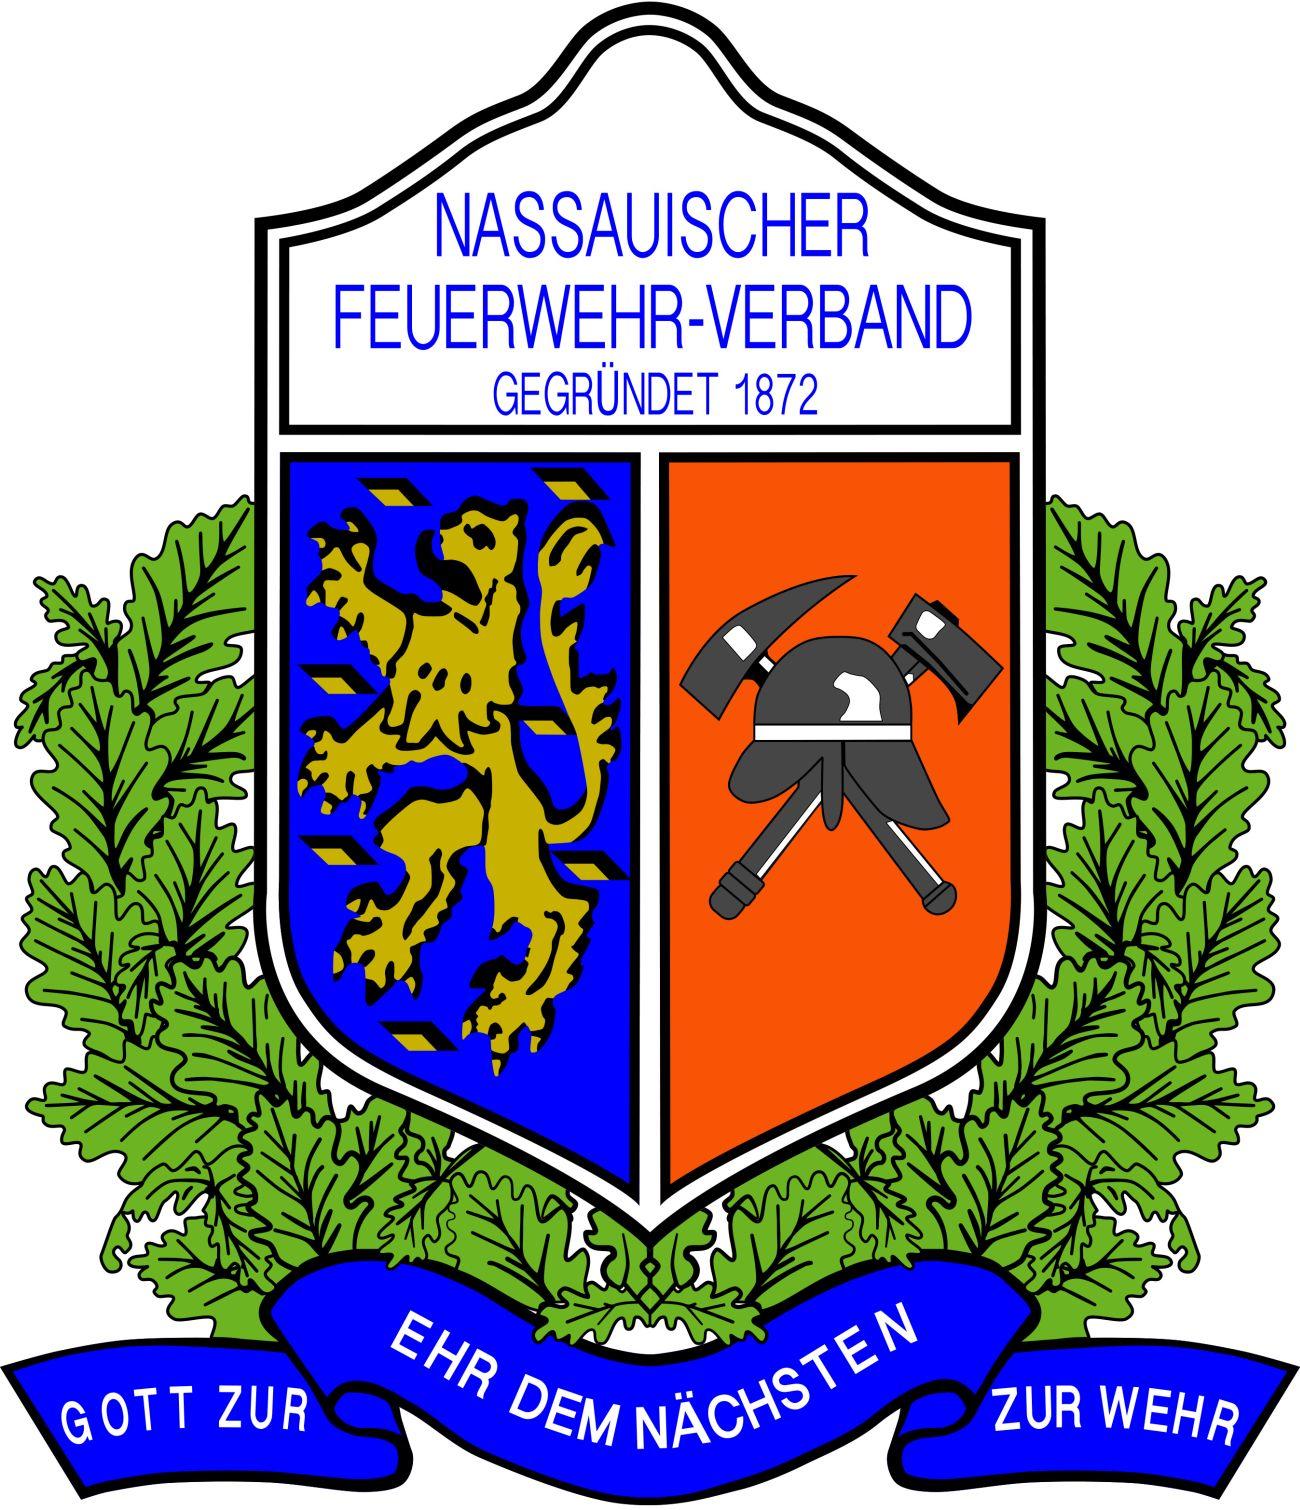 Nassauischer-Feuerwehrverband